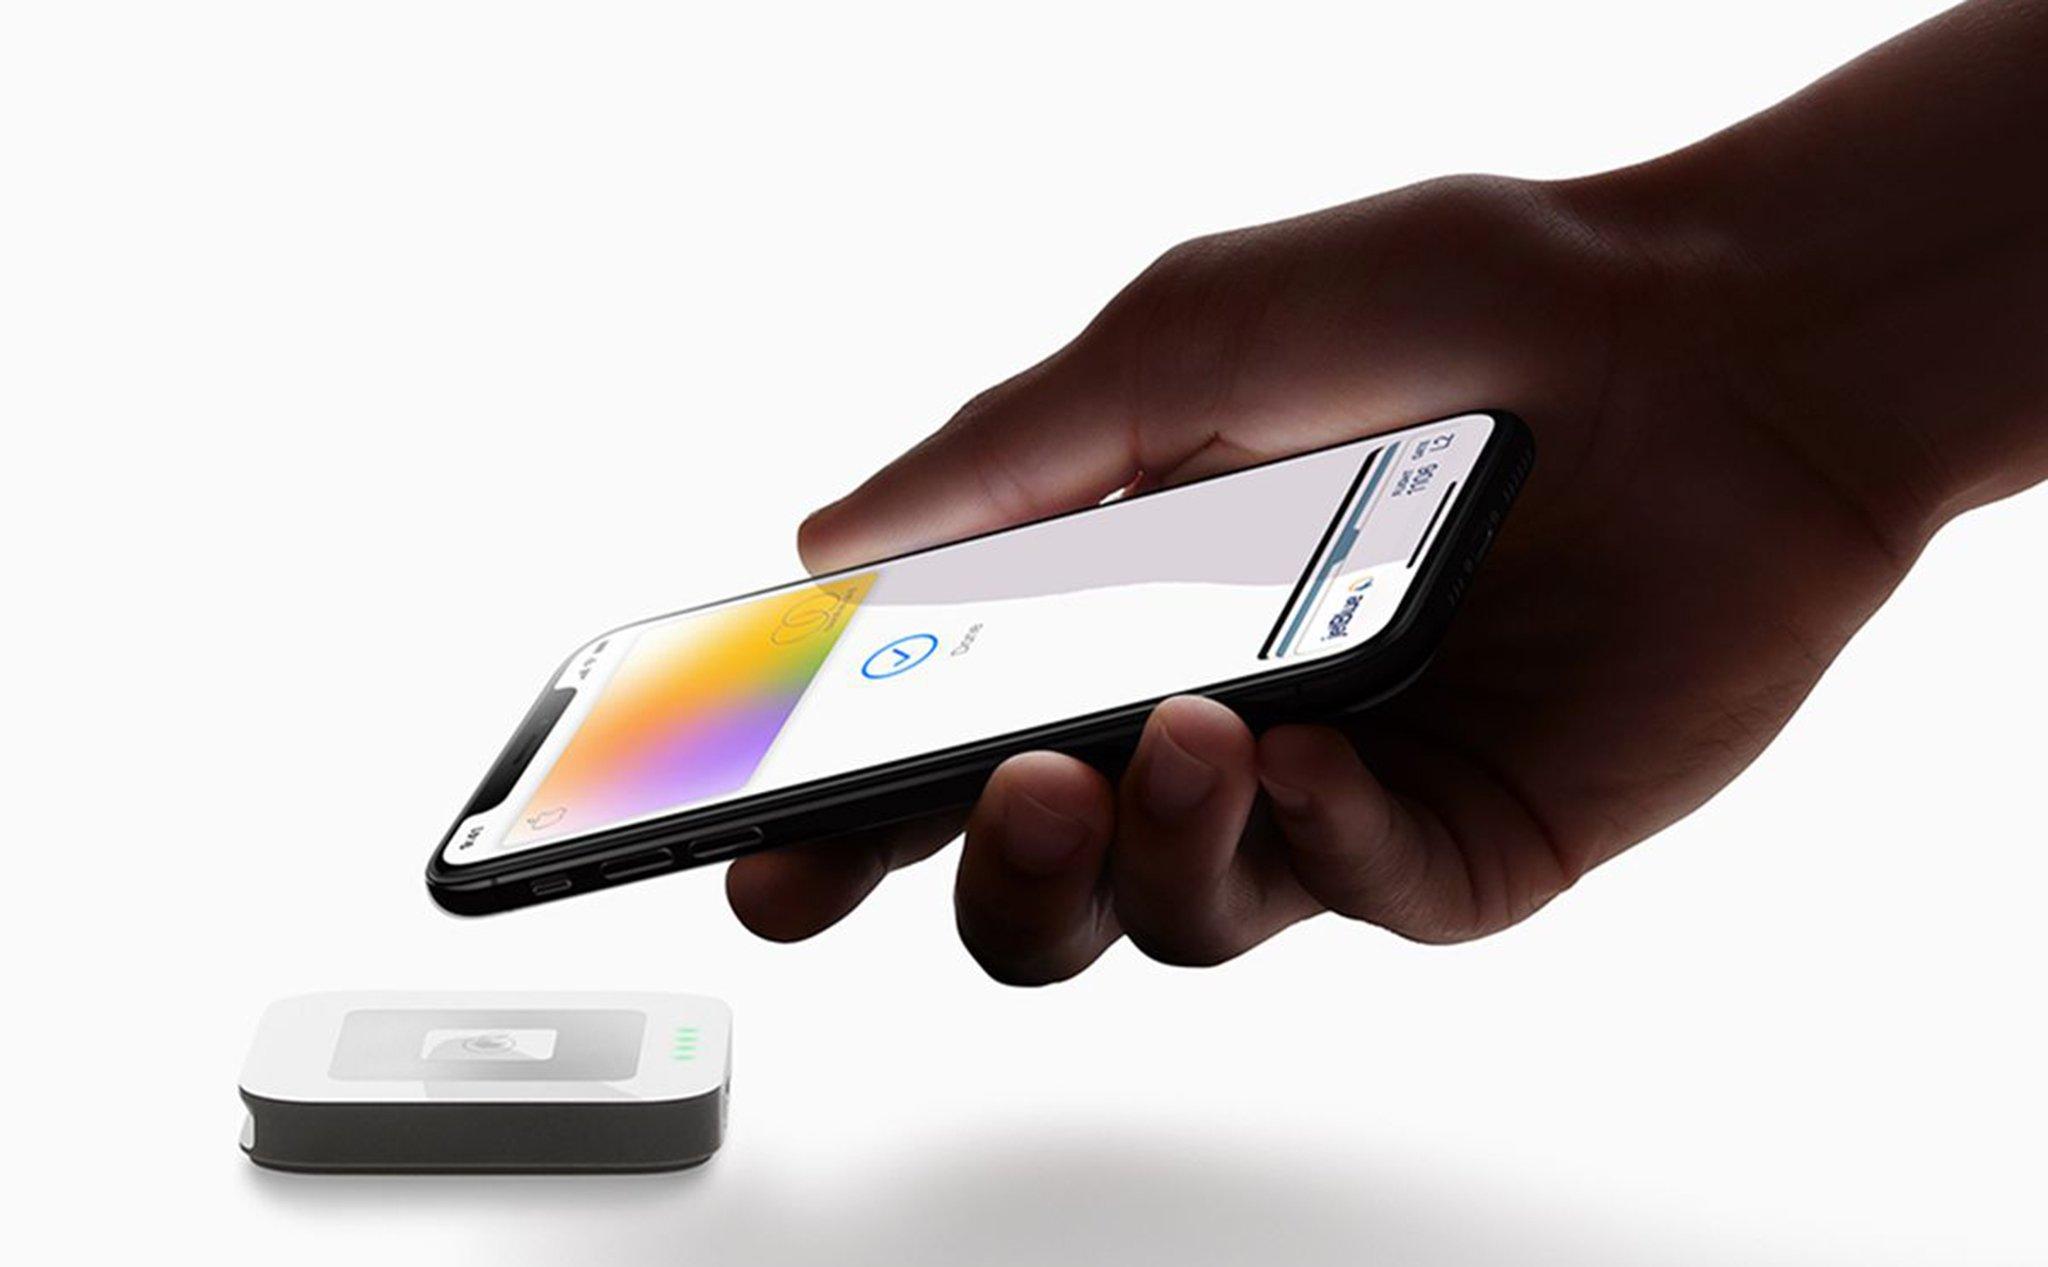 Apple mua lại startup có thể biến những chiếc iPhone thành thiết bị thanh toán